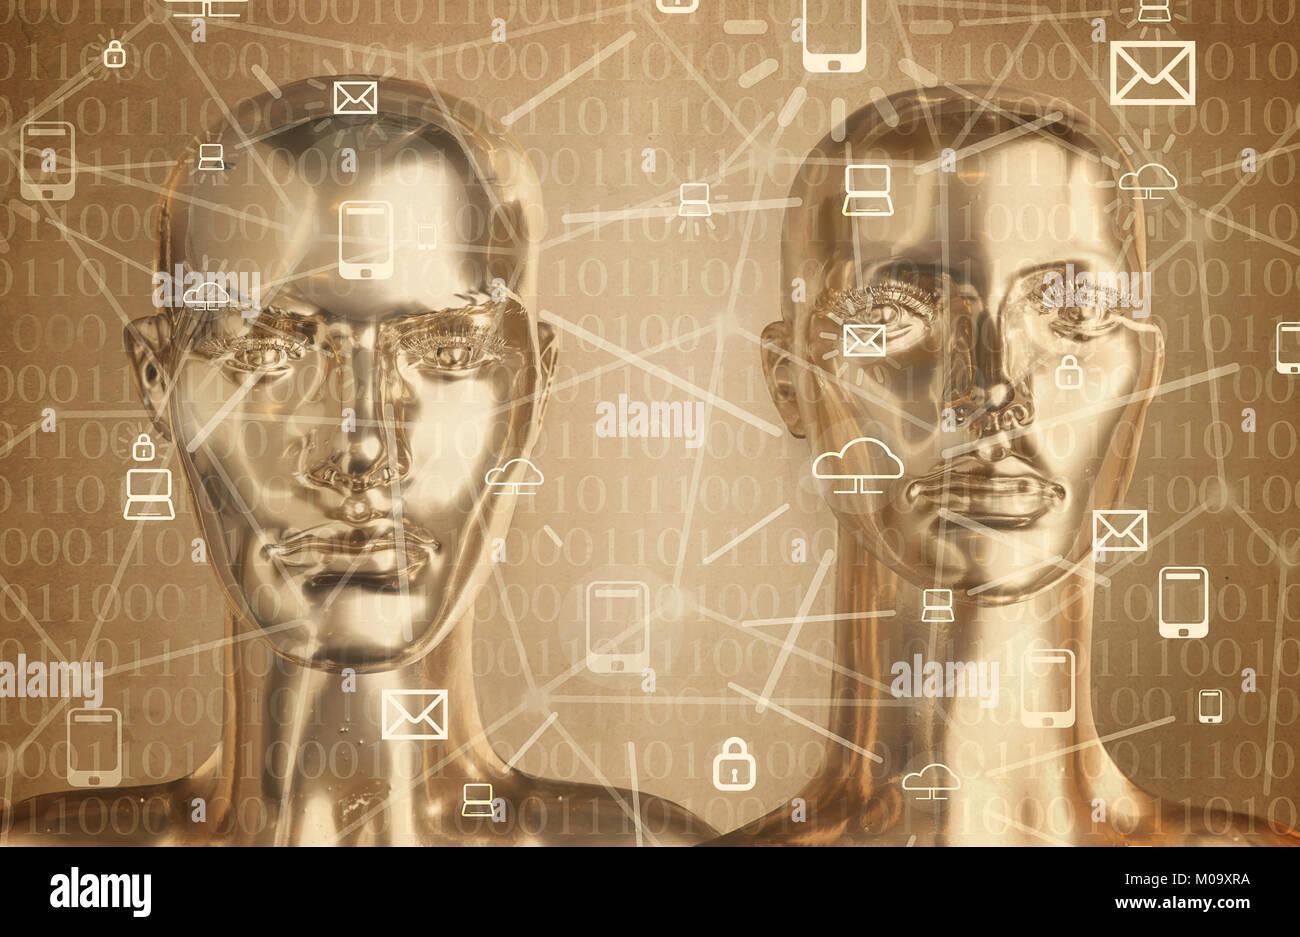 Intelligenza artificiale - concetto di globalizzazione, Internet, rete Immagini Stock